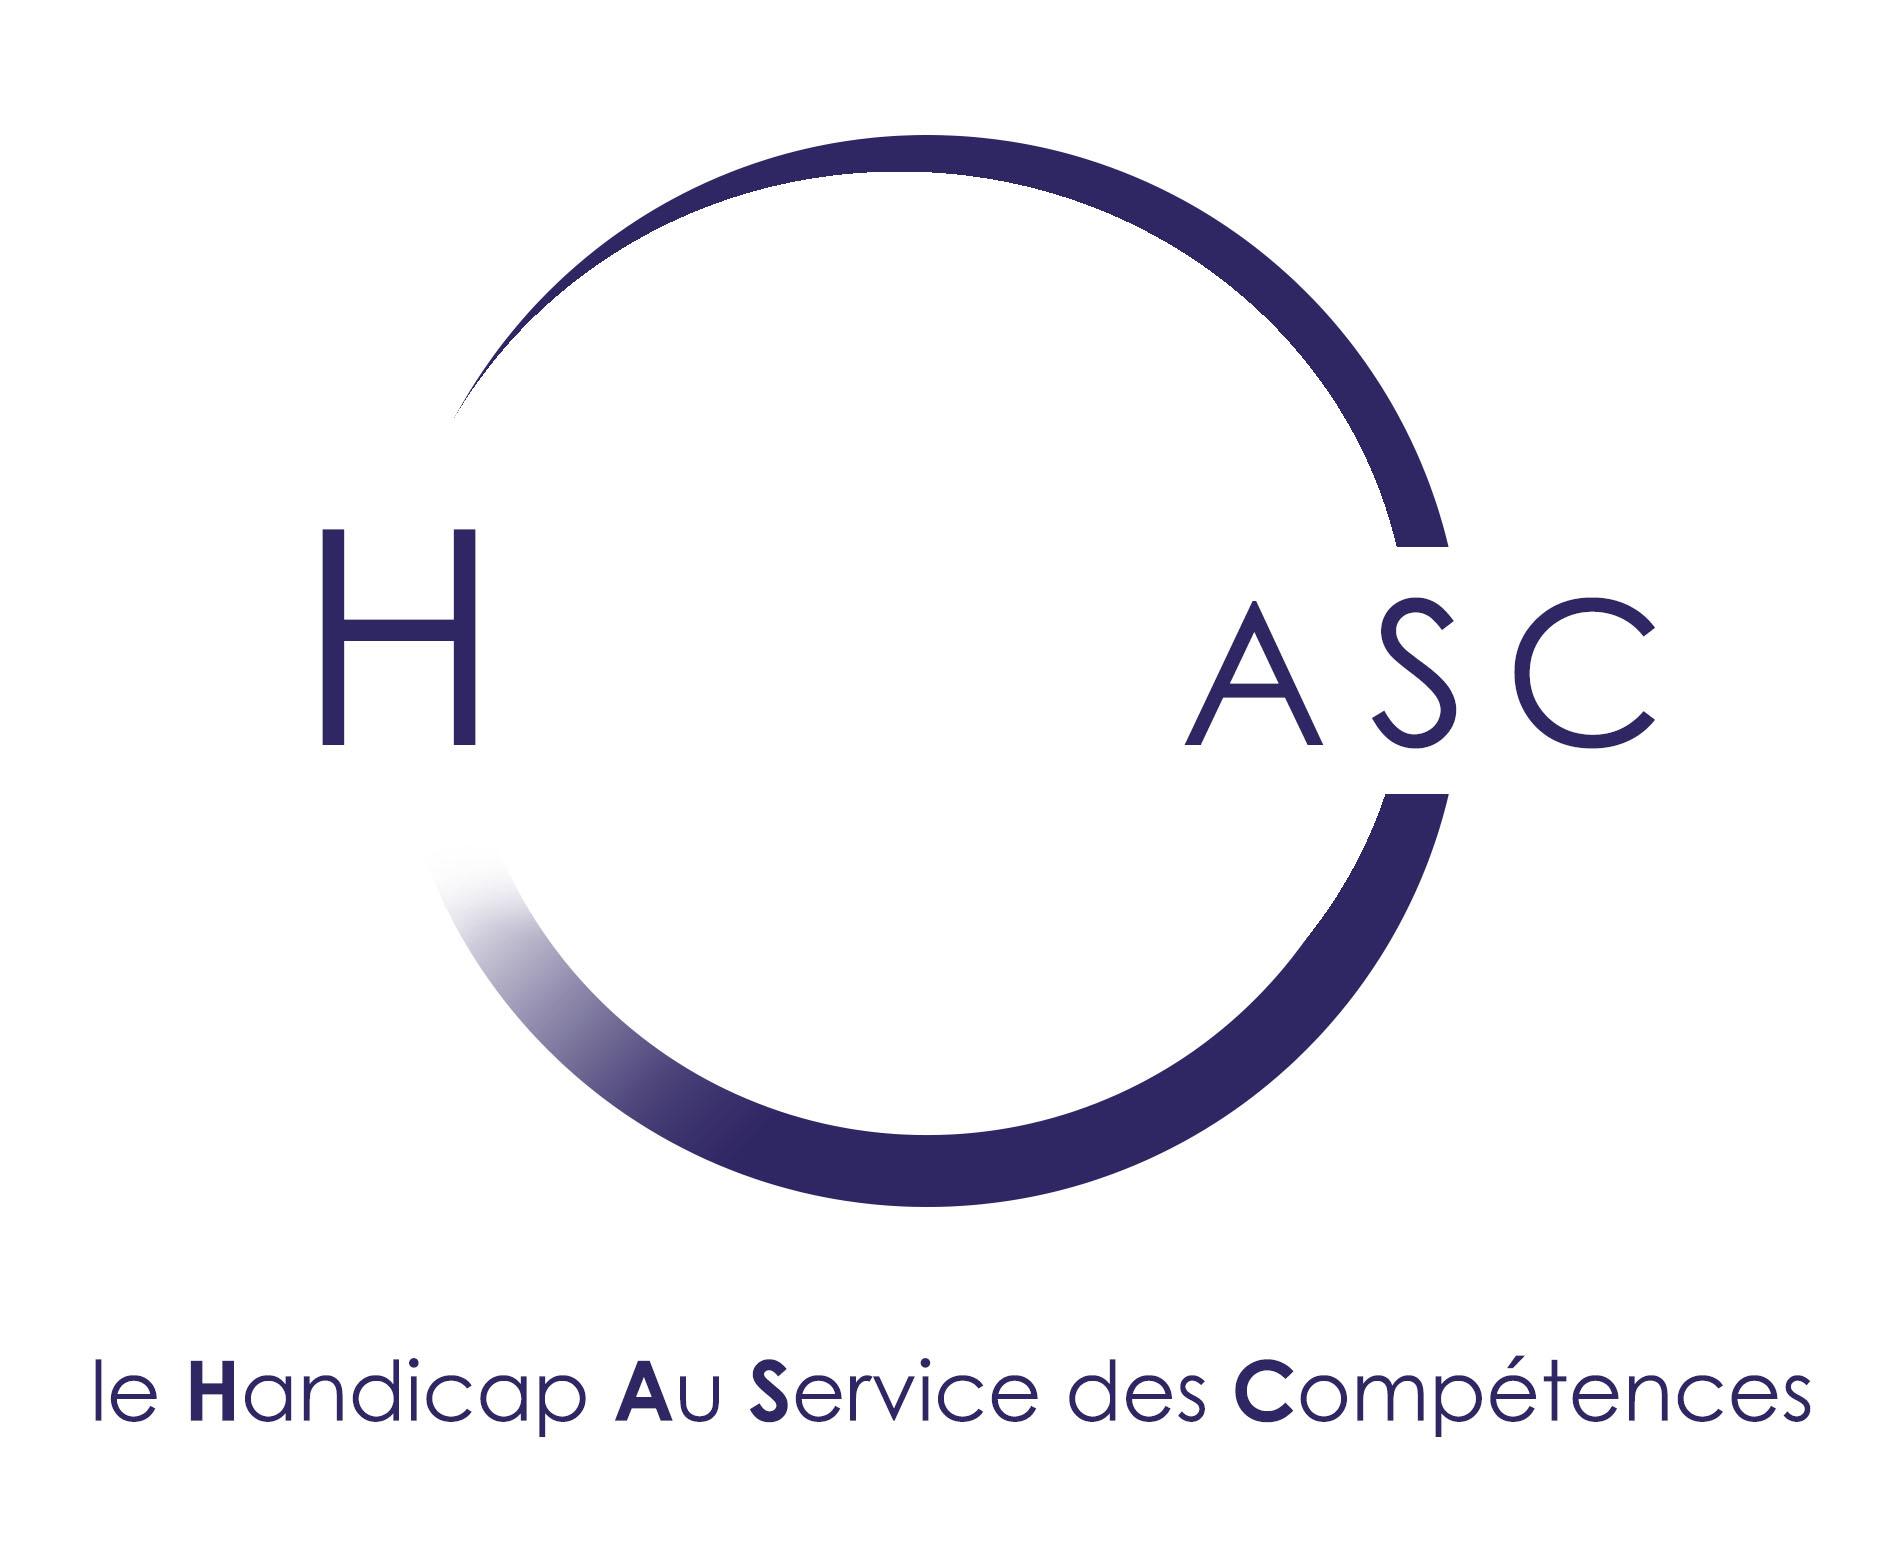 Visitez le stand de HASC